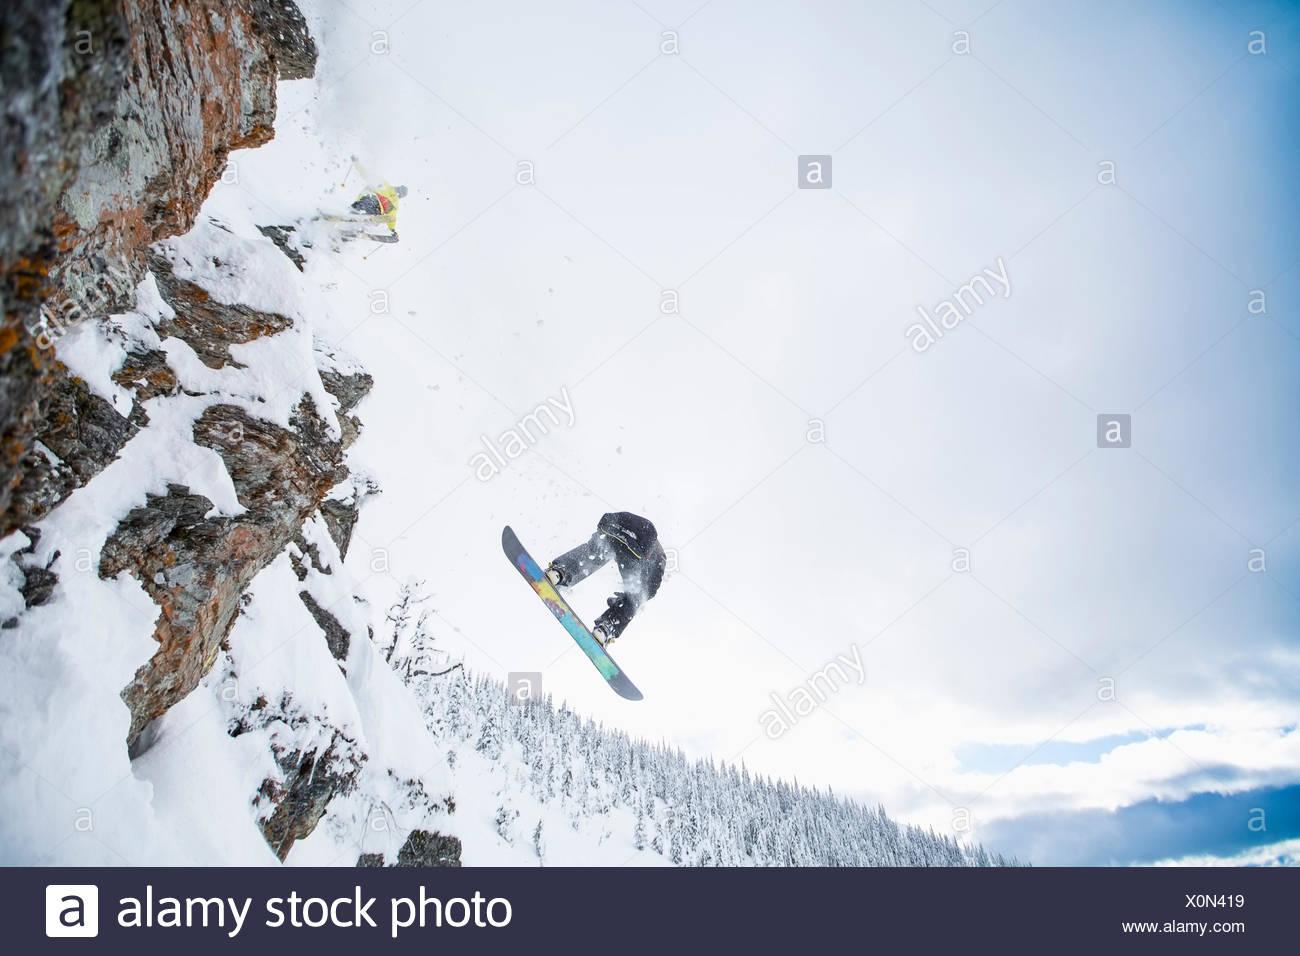 Portrait de deux hommes sautant d'une piste de ski Banque D'Images